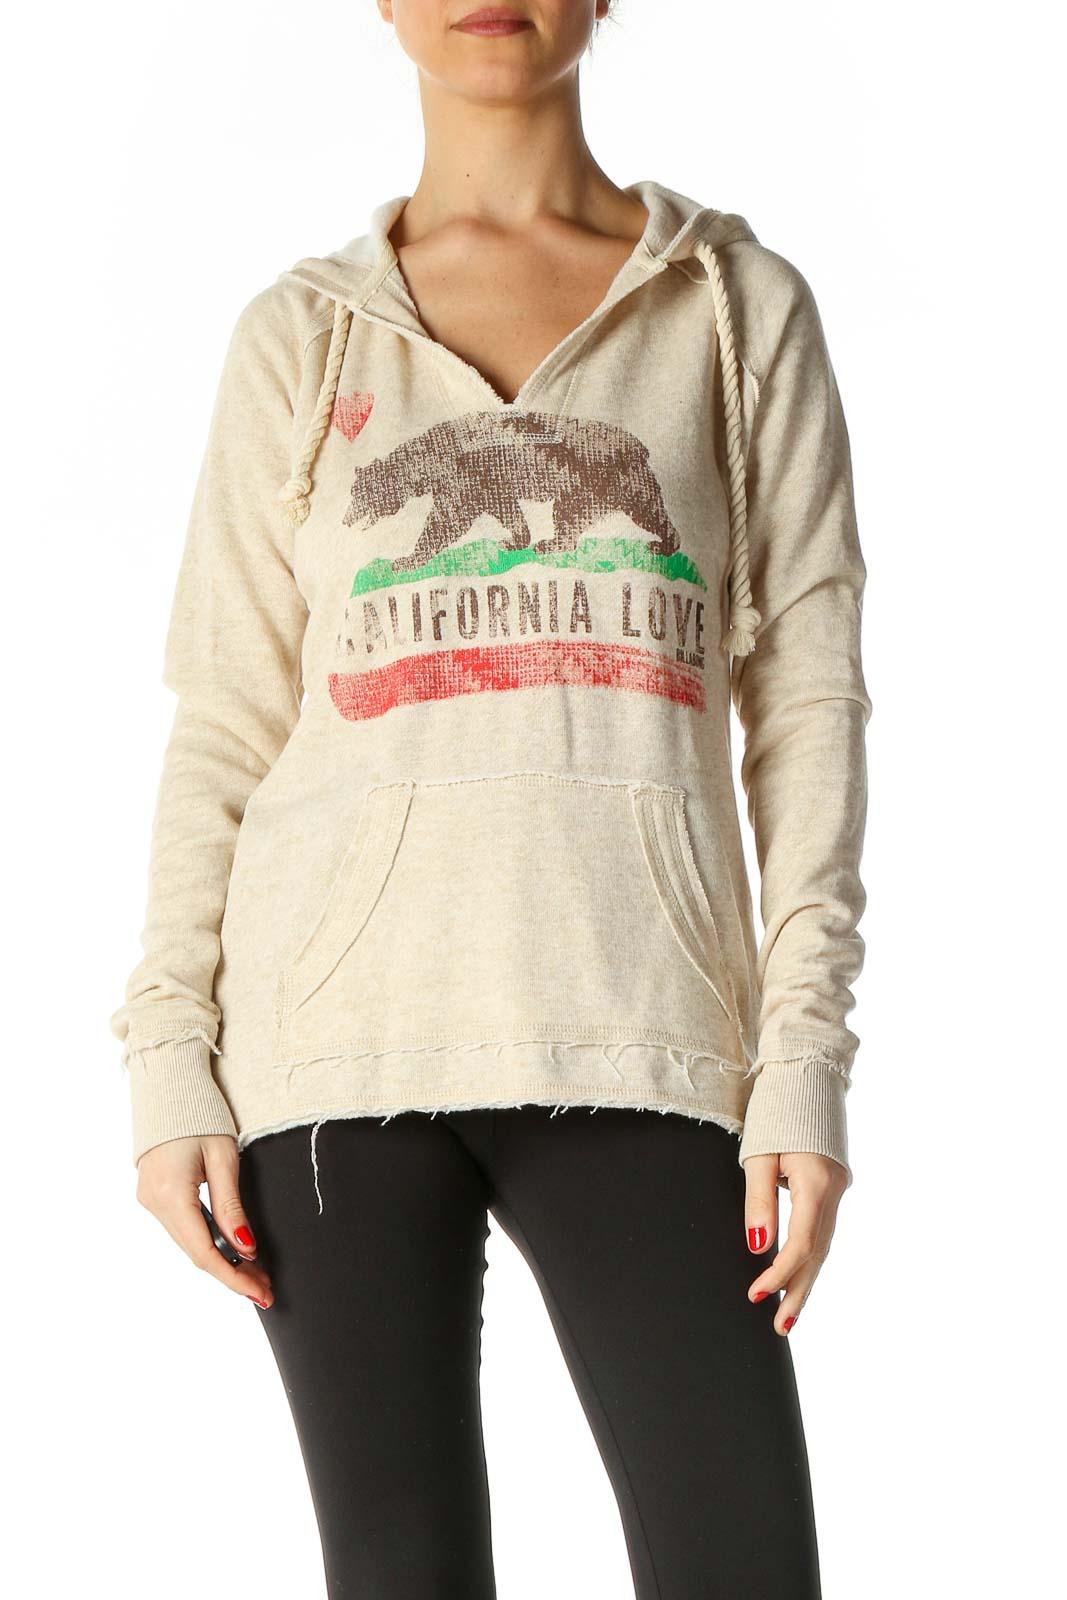 Beige Graphic Print Sweatshirt Front